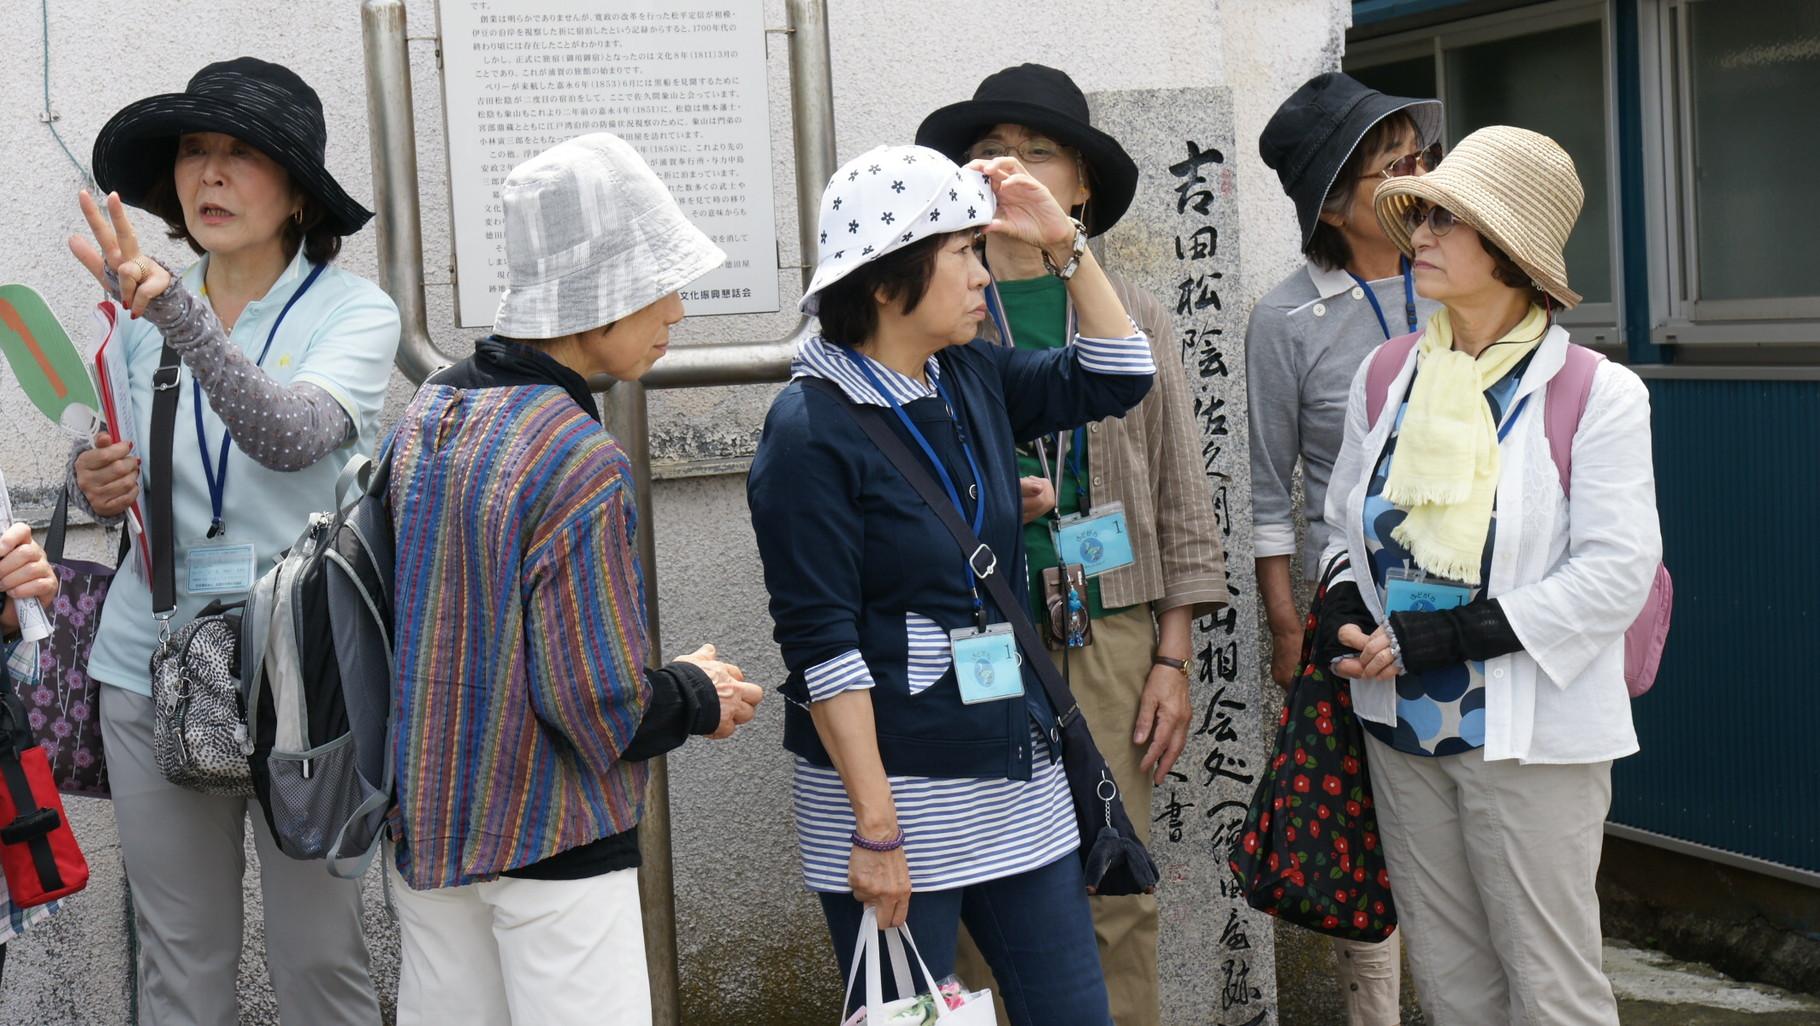 徳田屋跡、吉田松陰と佐久間象山が会って、日本の将来を話し合ったところとのこと